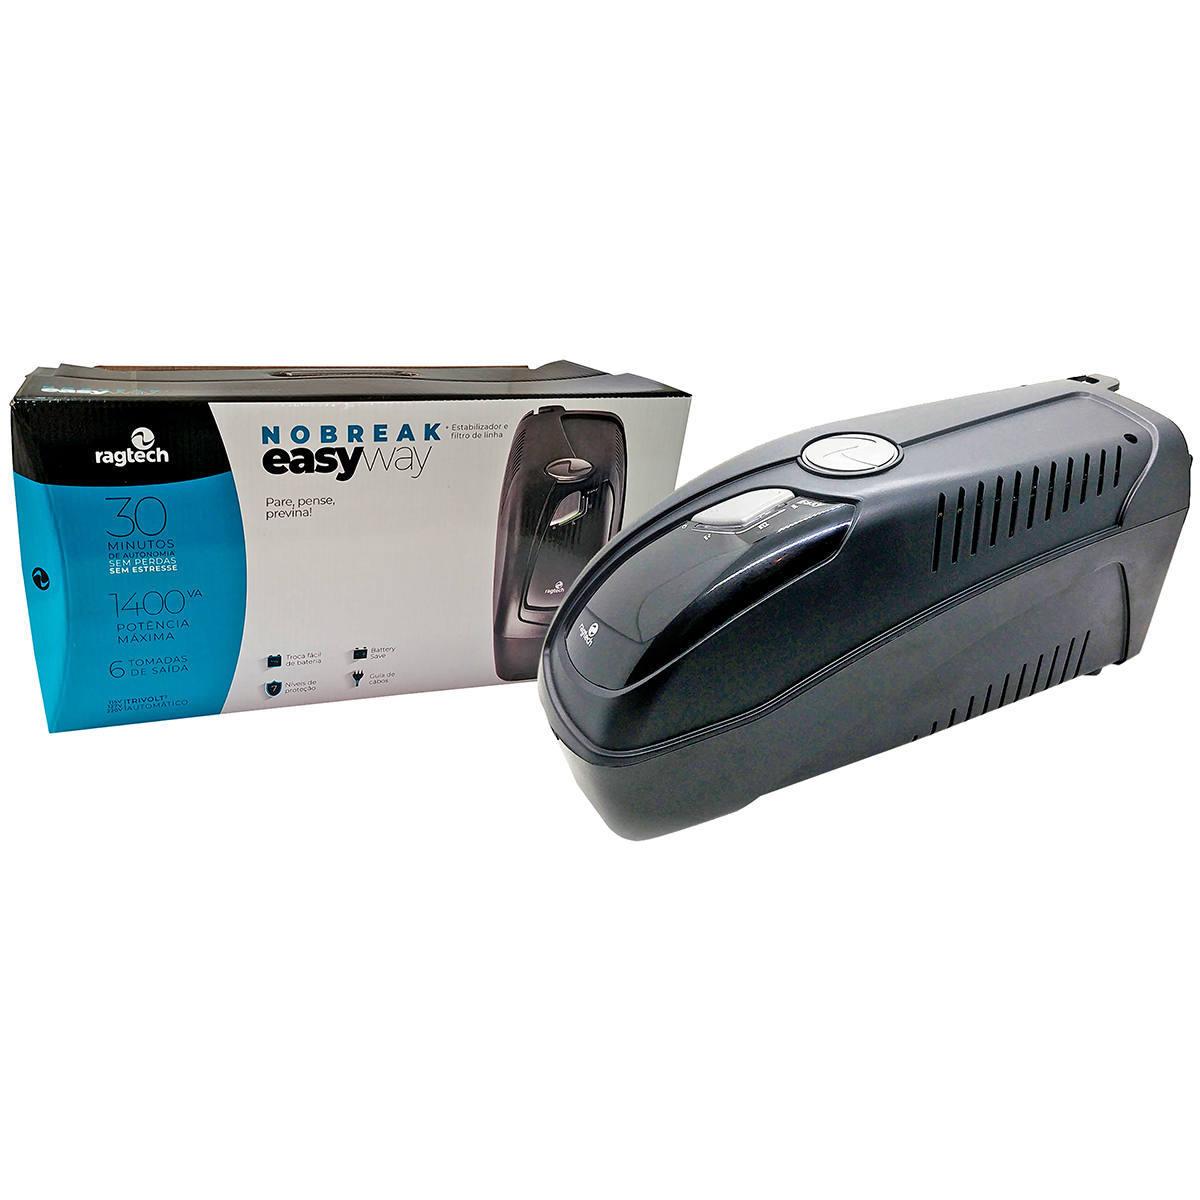 Nobreak 1400VA 980W 6 Tomadas PWM USB True RMS Entrada 115/127/220V Saída 115V Troca Fácil de Bateria Ragtech 4156